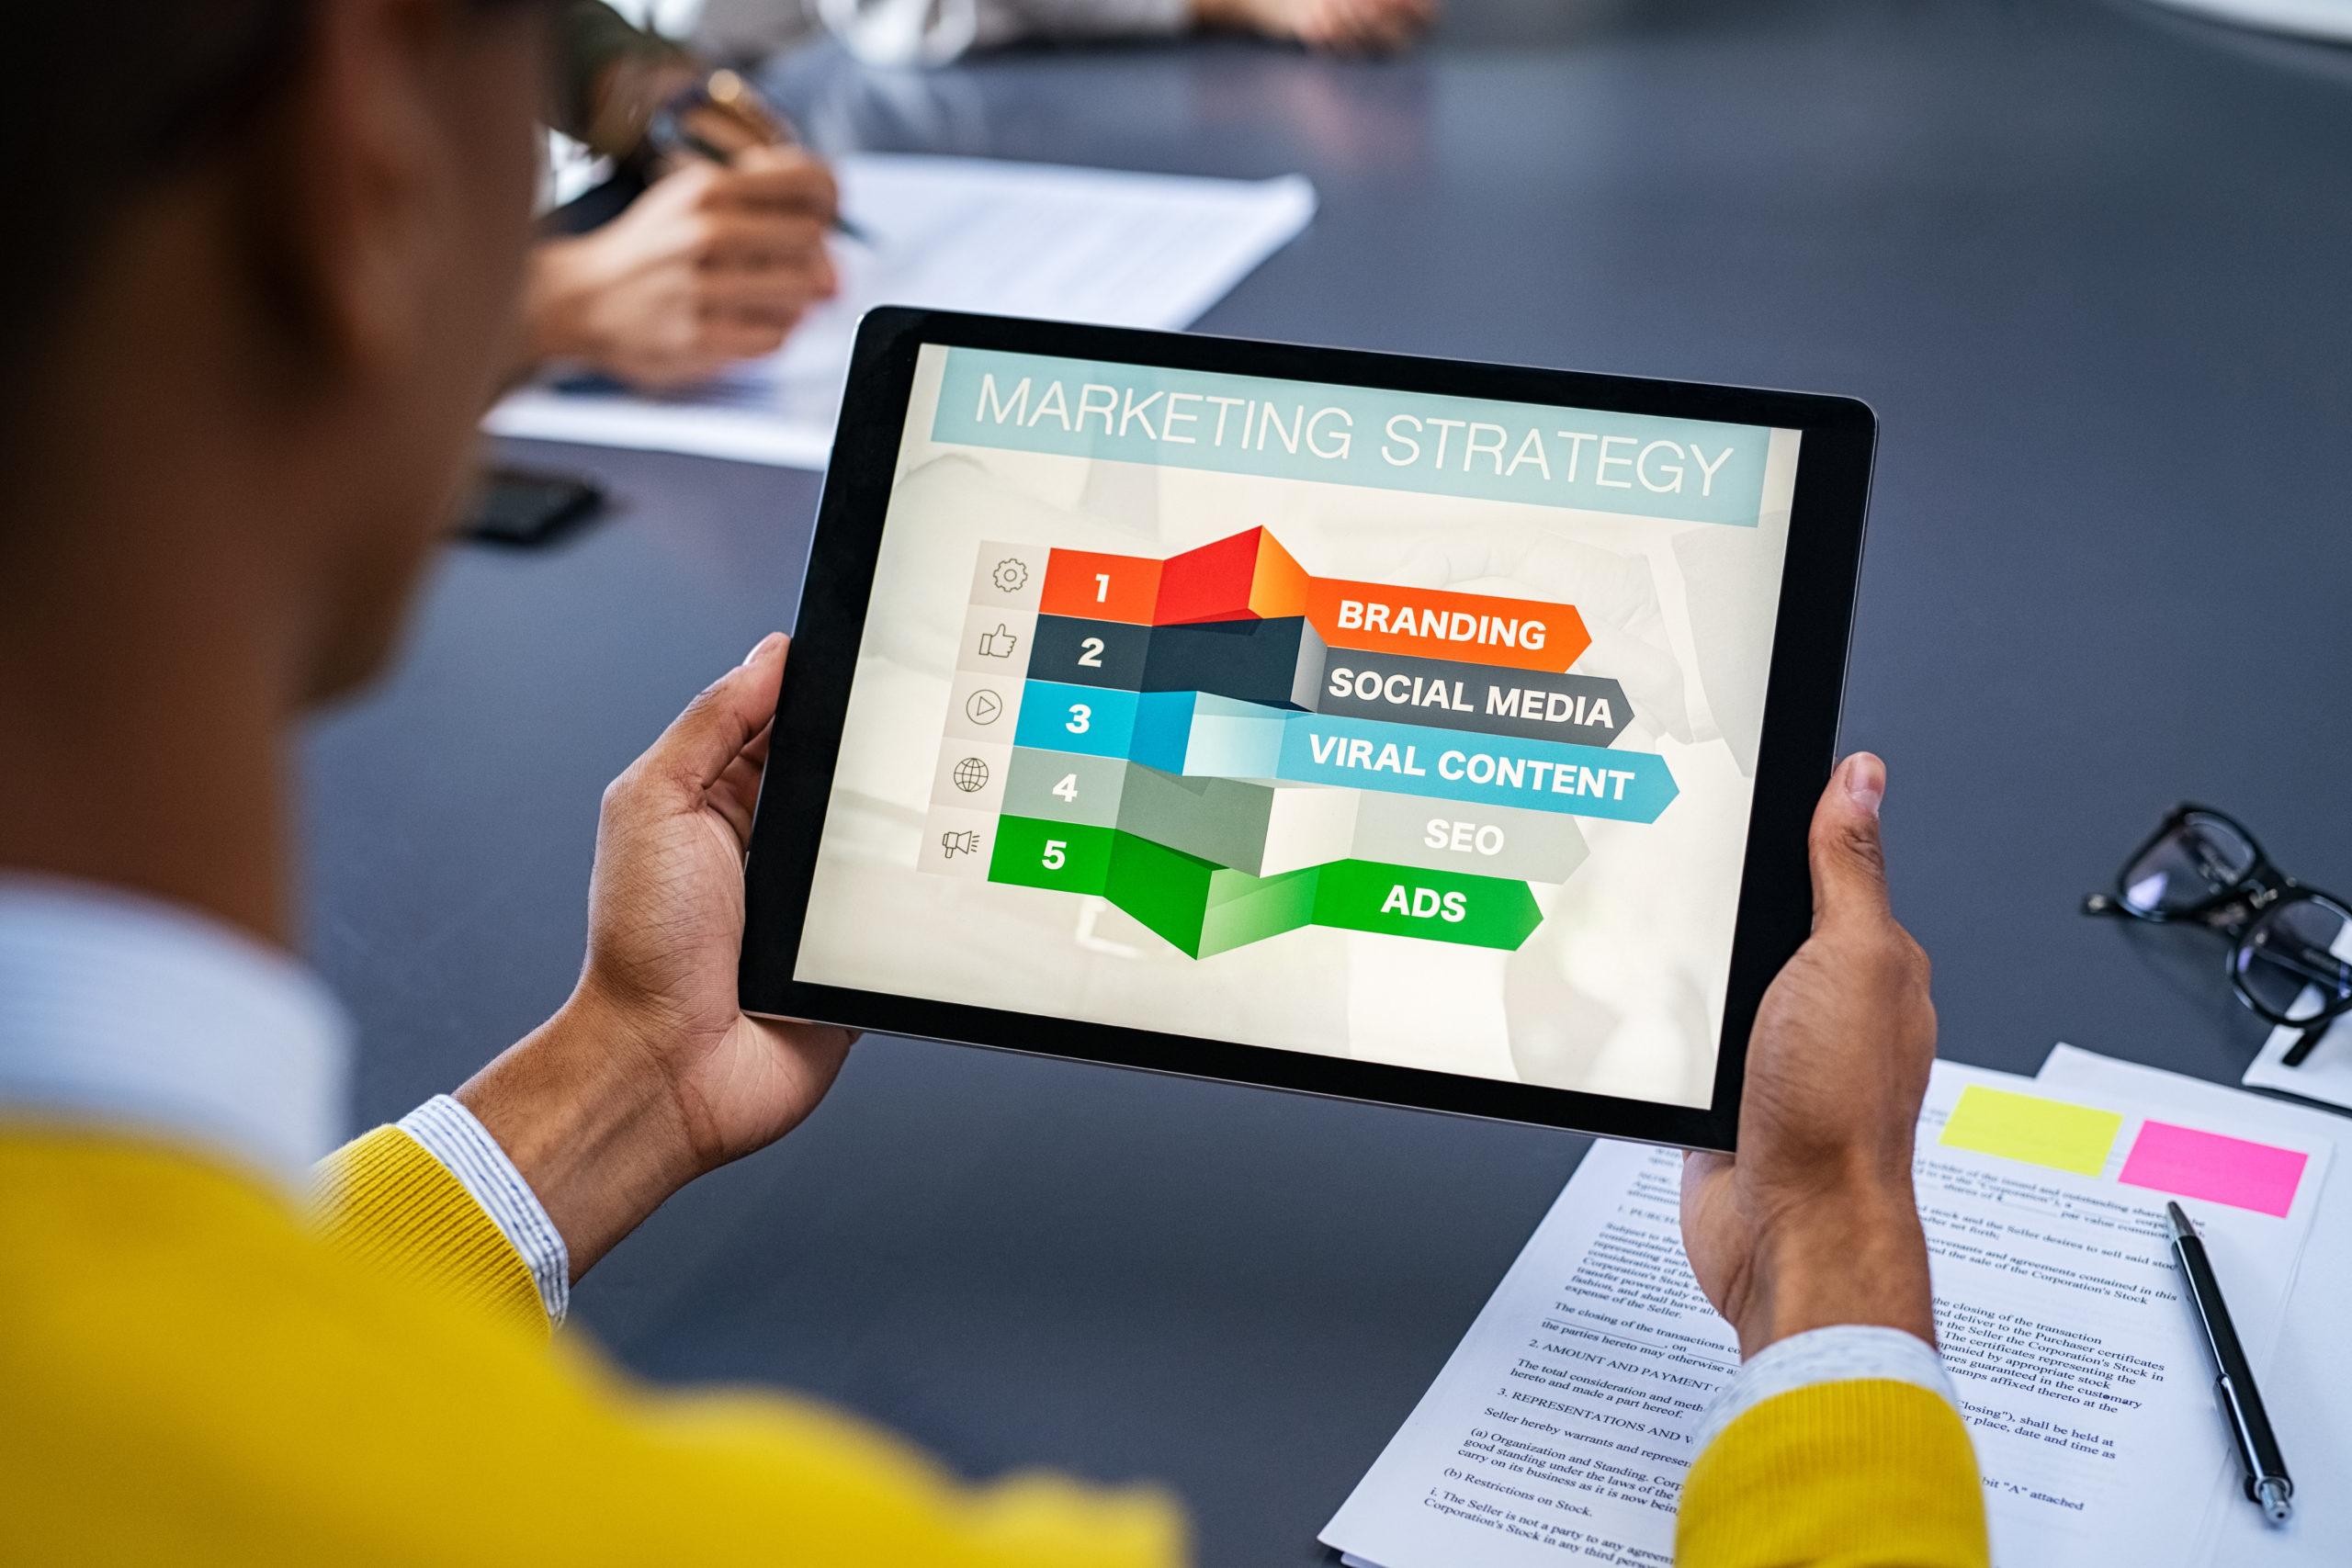 アメリカから学ぶ デジタルマーケティング戦略